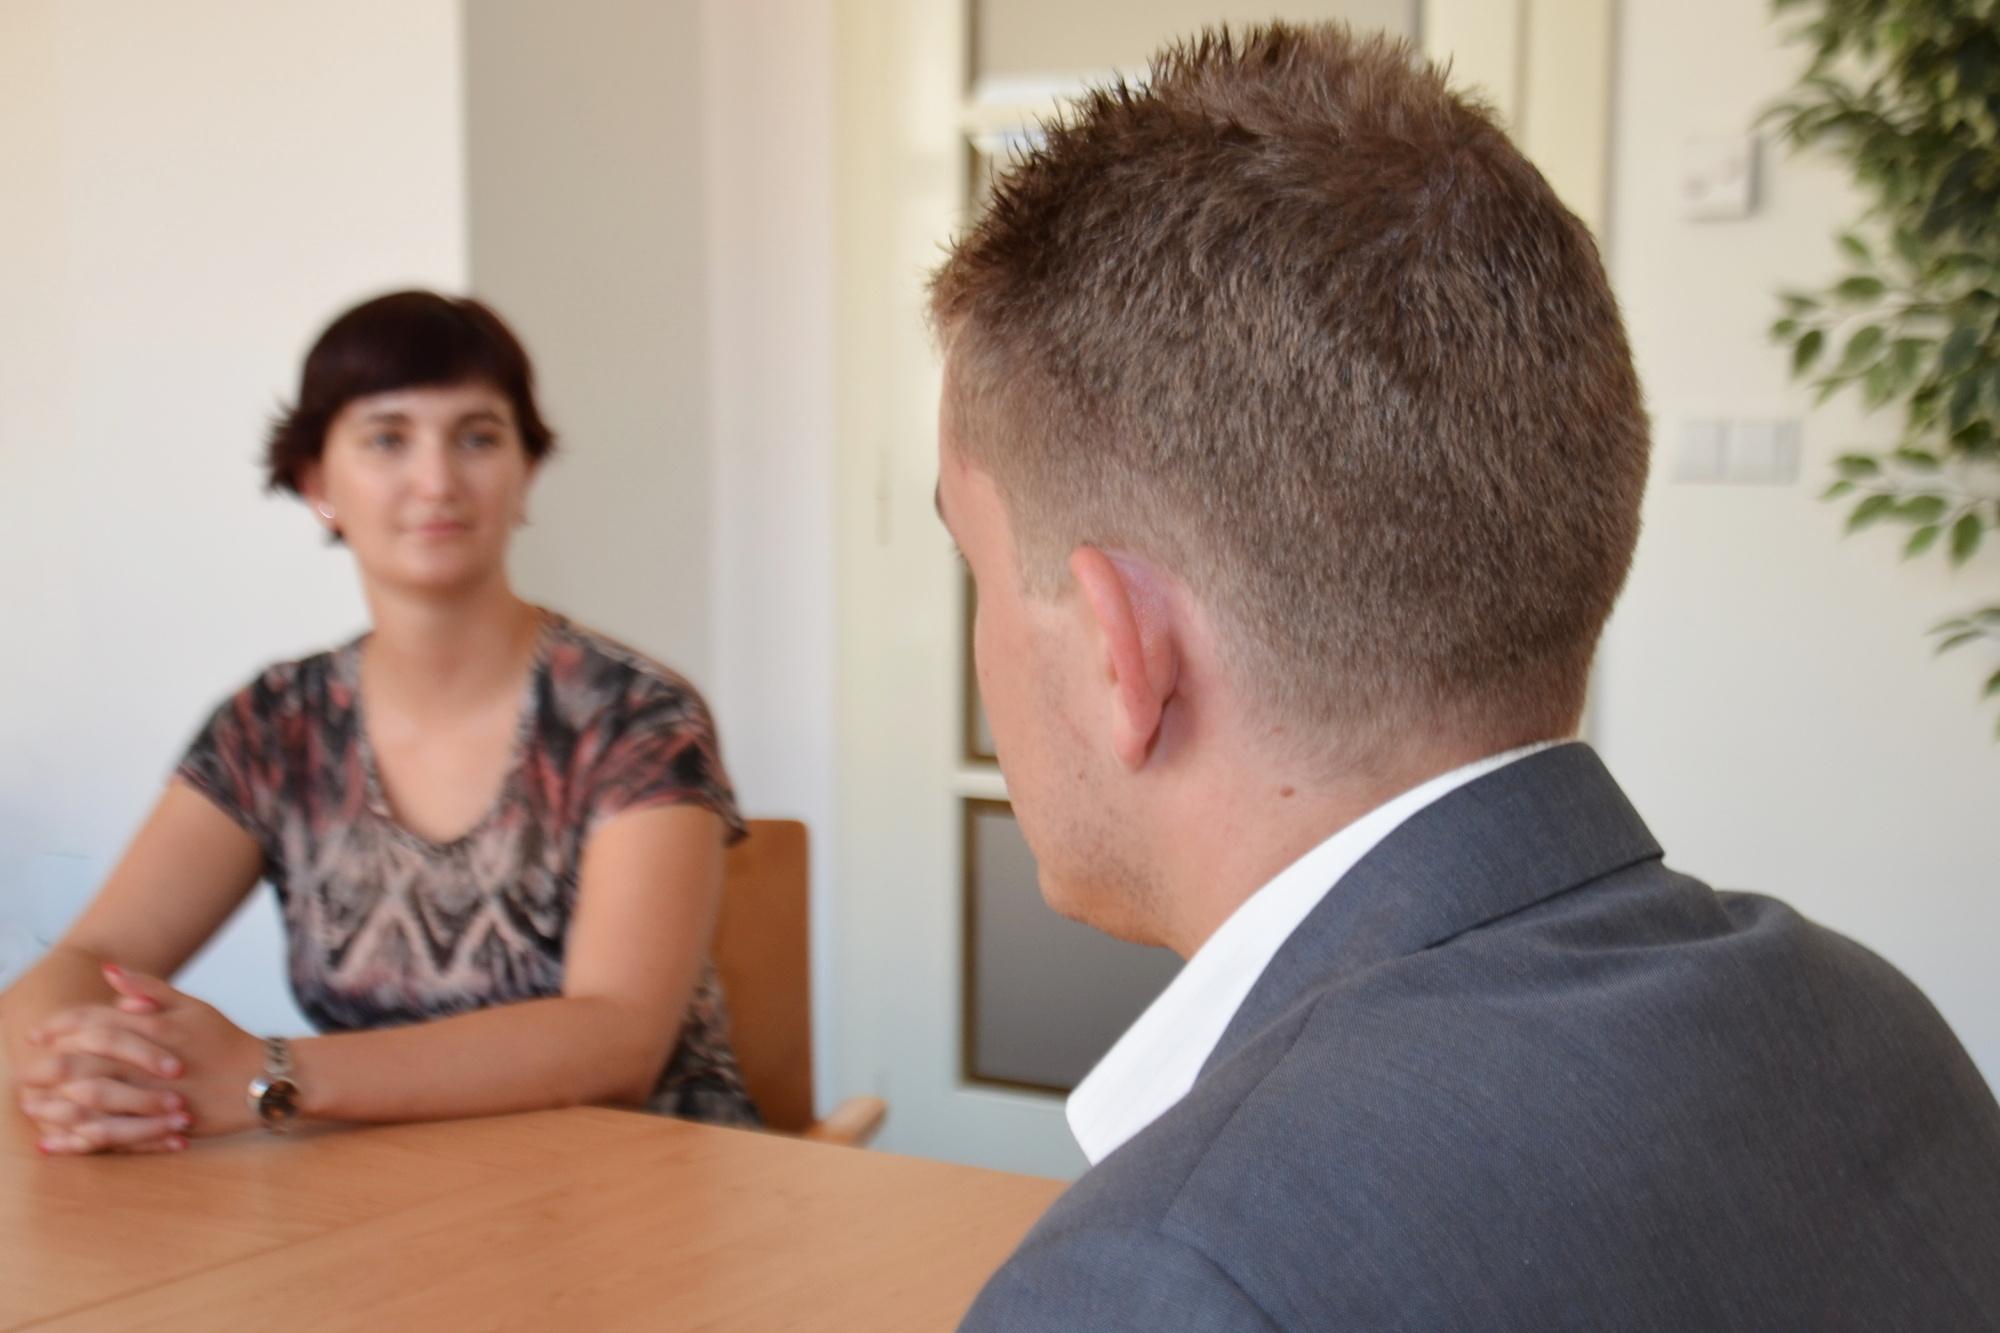 podnikatelka, manažerka, byznysmenka, pracovní pohovor, dohoda, jednání, zaměstnankyně, nadřízený, podřízená (ilustrační foto)